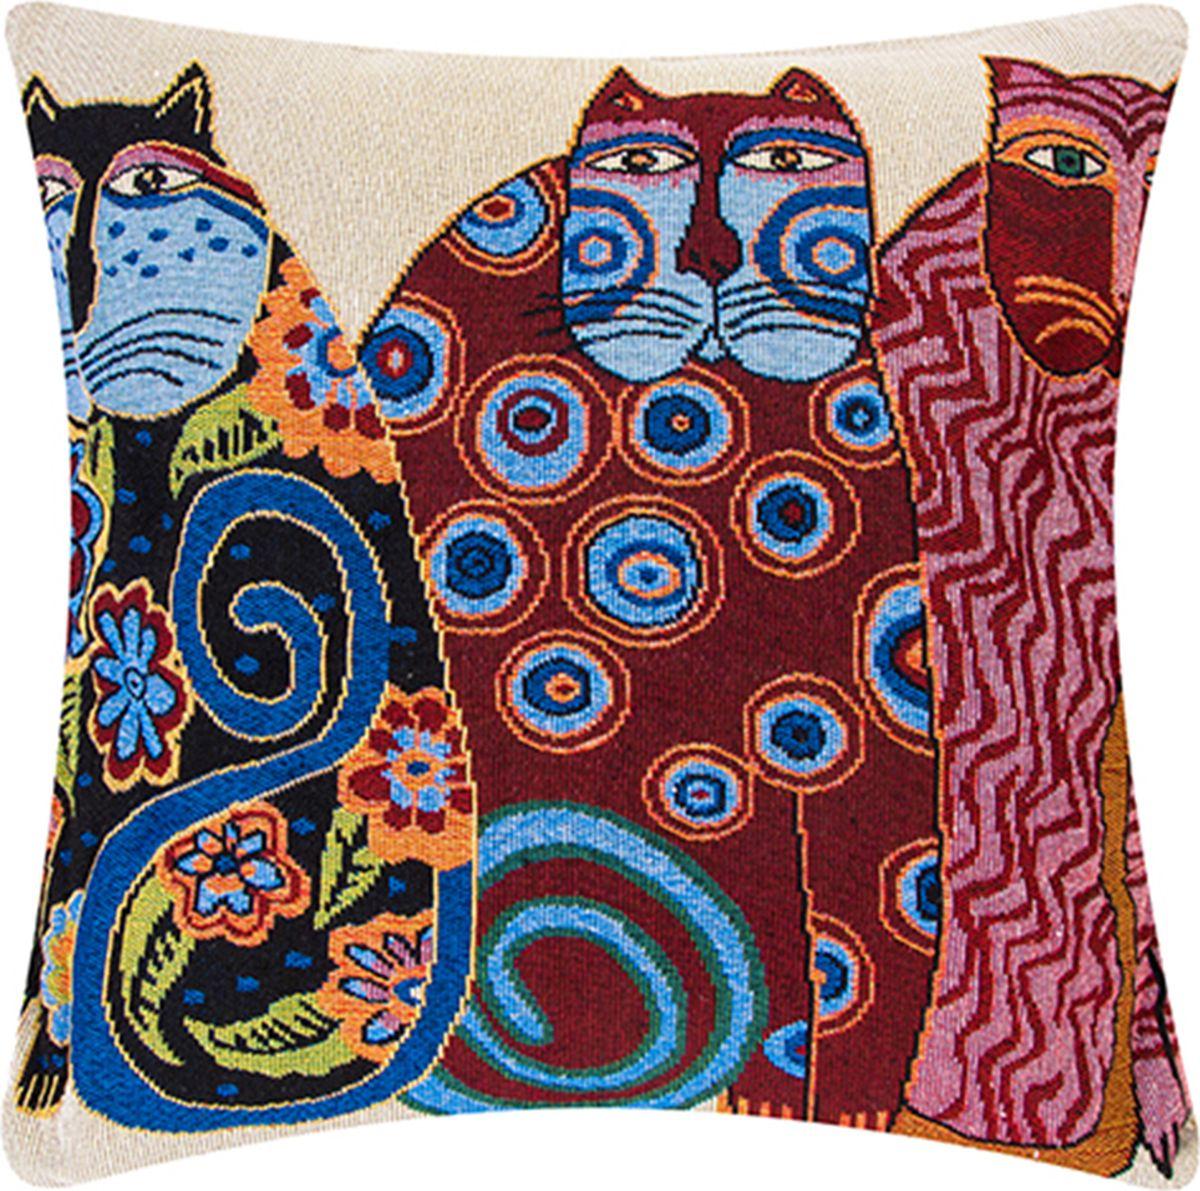 Подушка декоративная EL Casa Винтажные коты, 43 x 43 см171691Декоративная подушка прекрасно дополнит интерьер спальни или гостиной. Состав наволочки: лен -50%, полиэстер-50%. Она легко снимается, благодаря молнии. Внутри подушки находится мягкий наполнитель.